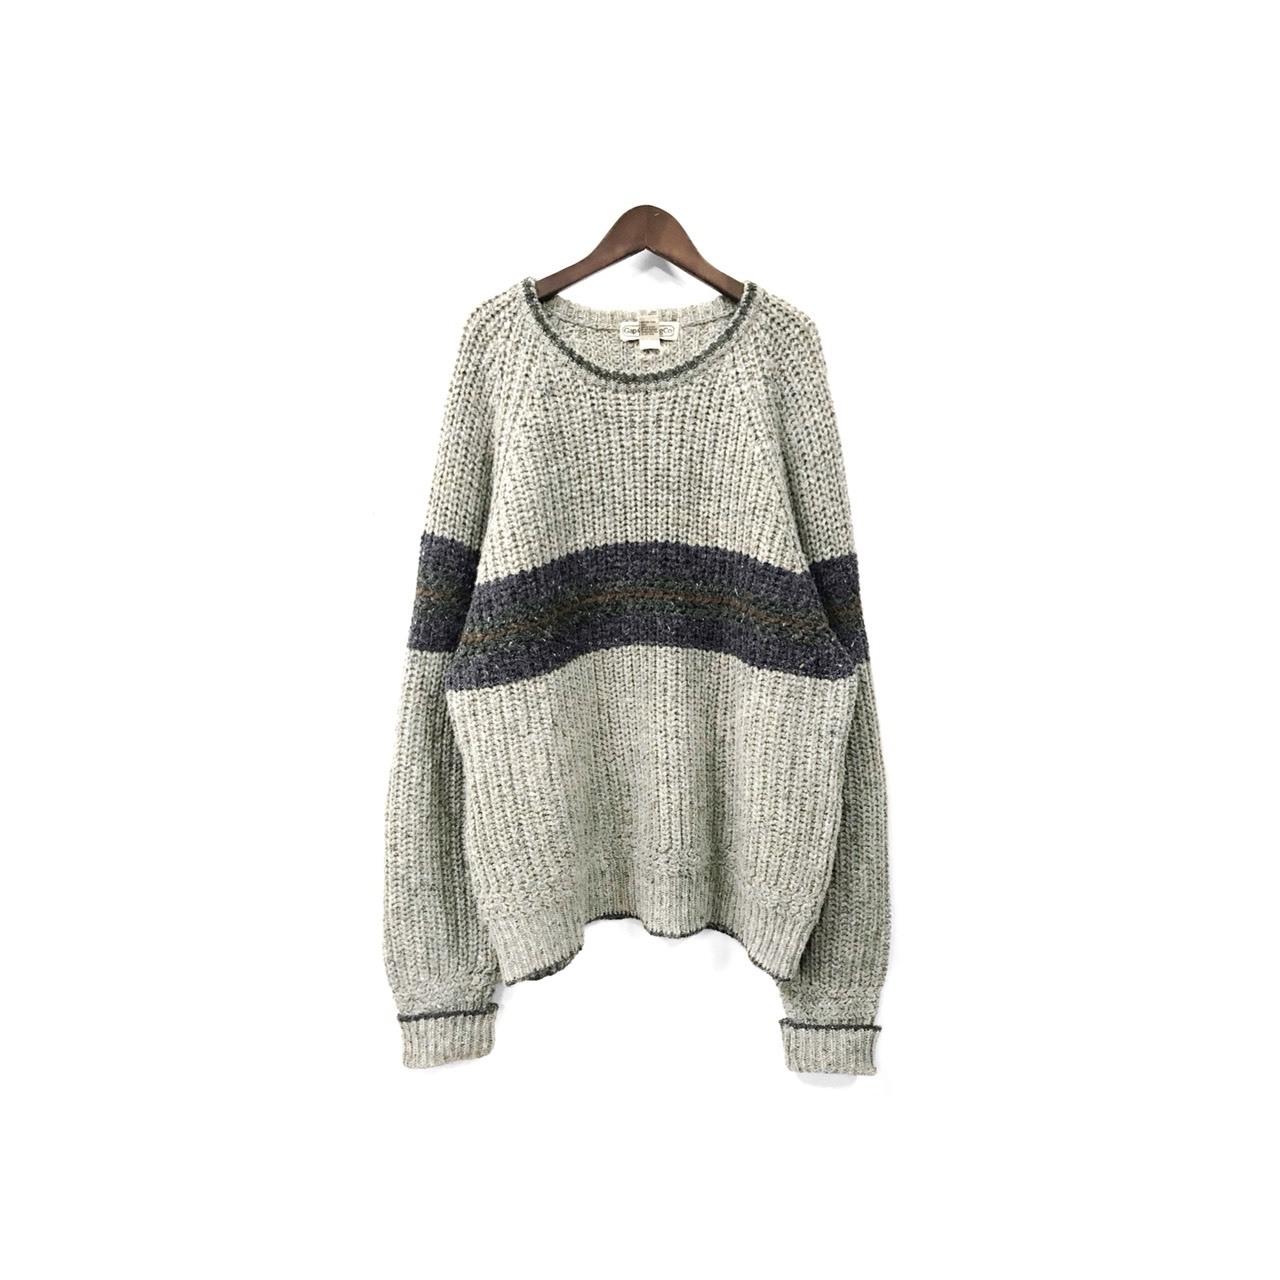 GAP - Ragran Knit Tops (size - XL) ¥6500+tax → ¥5200+tax